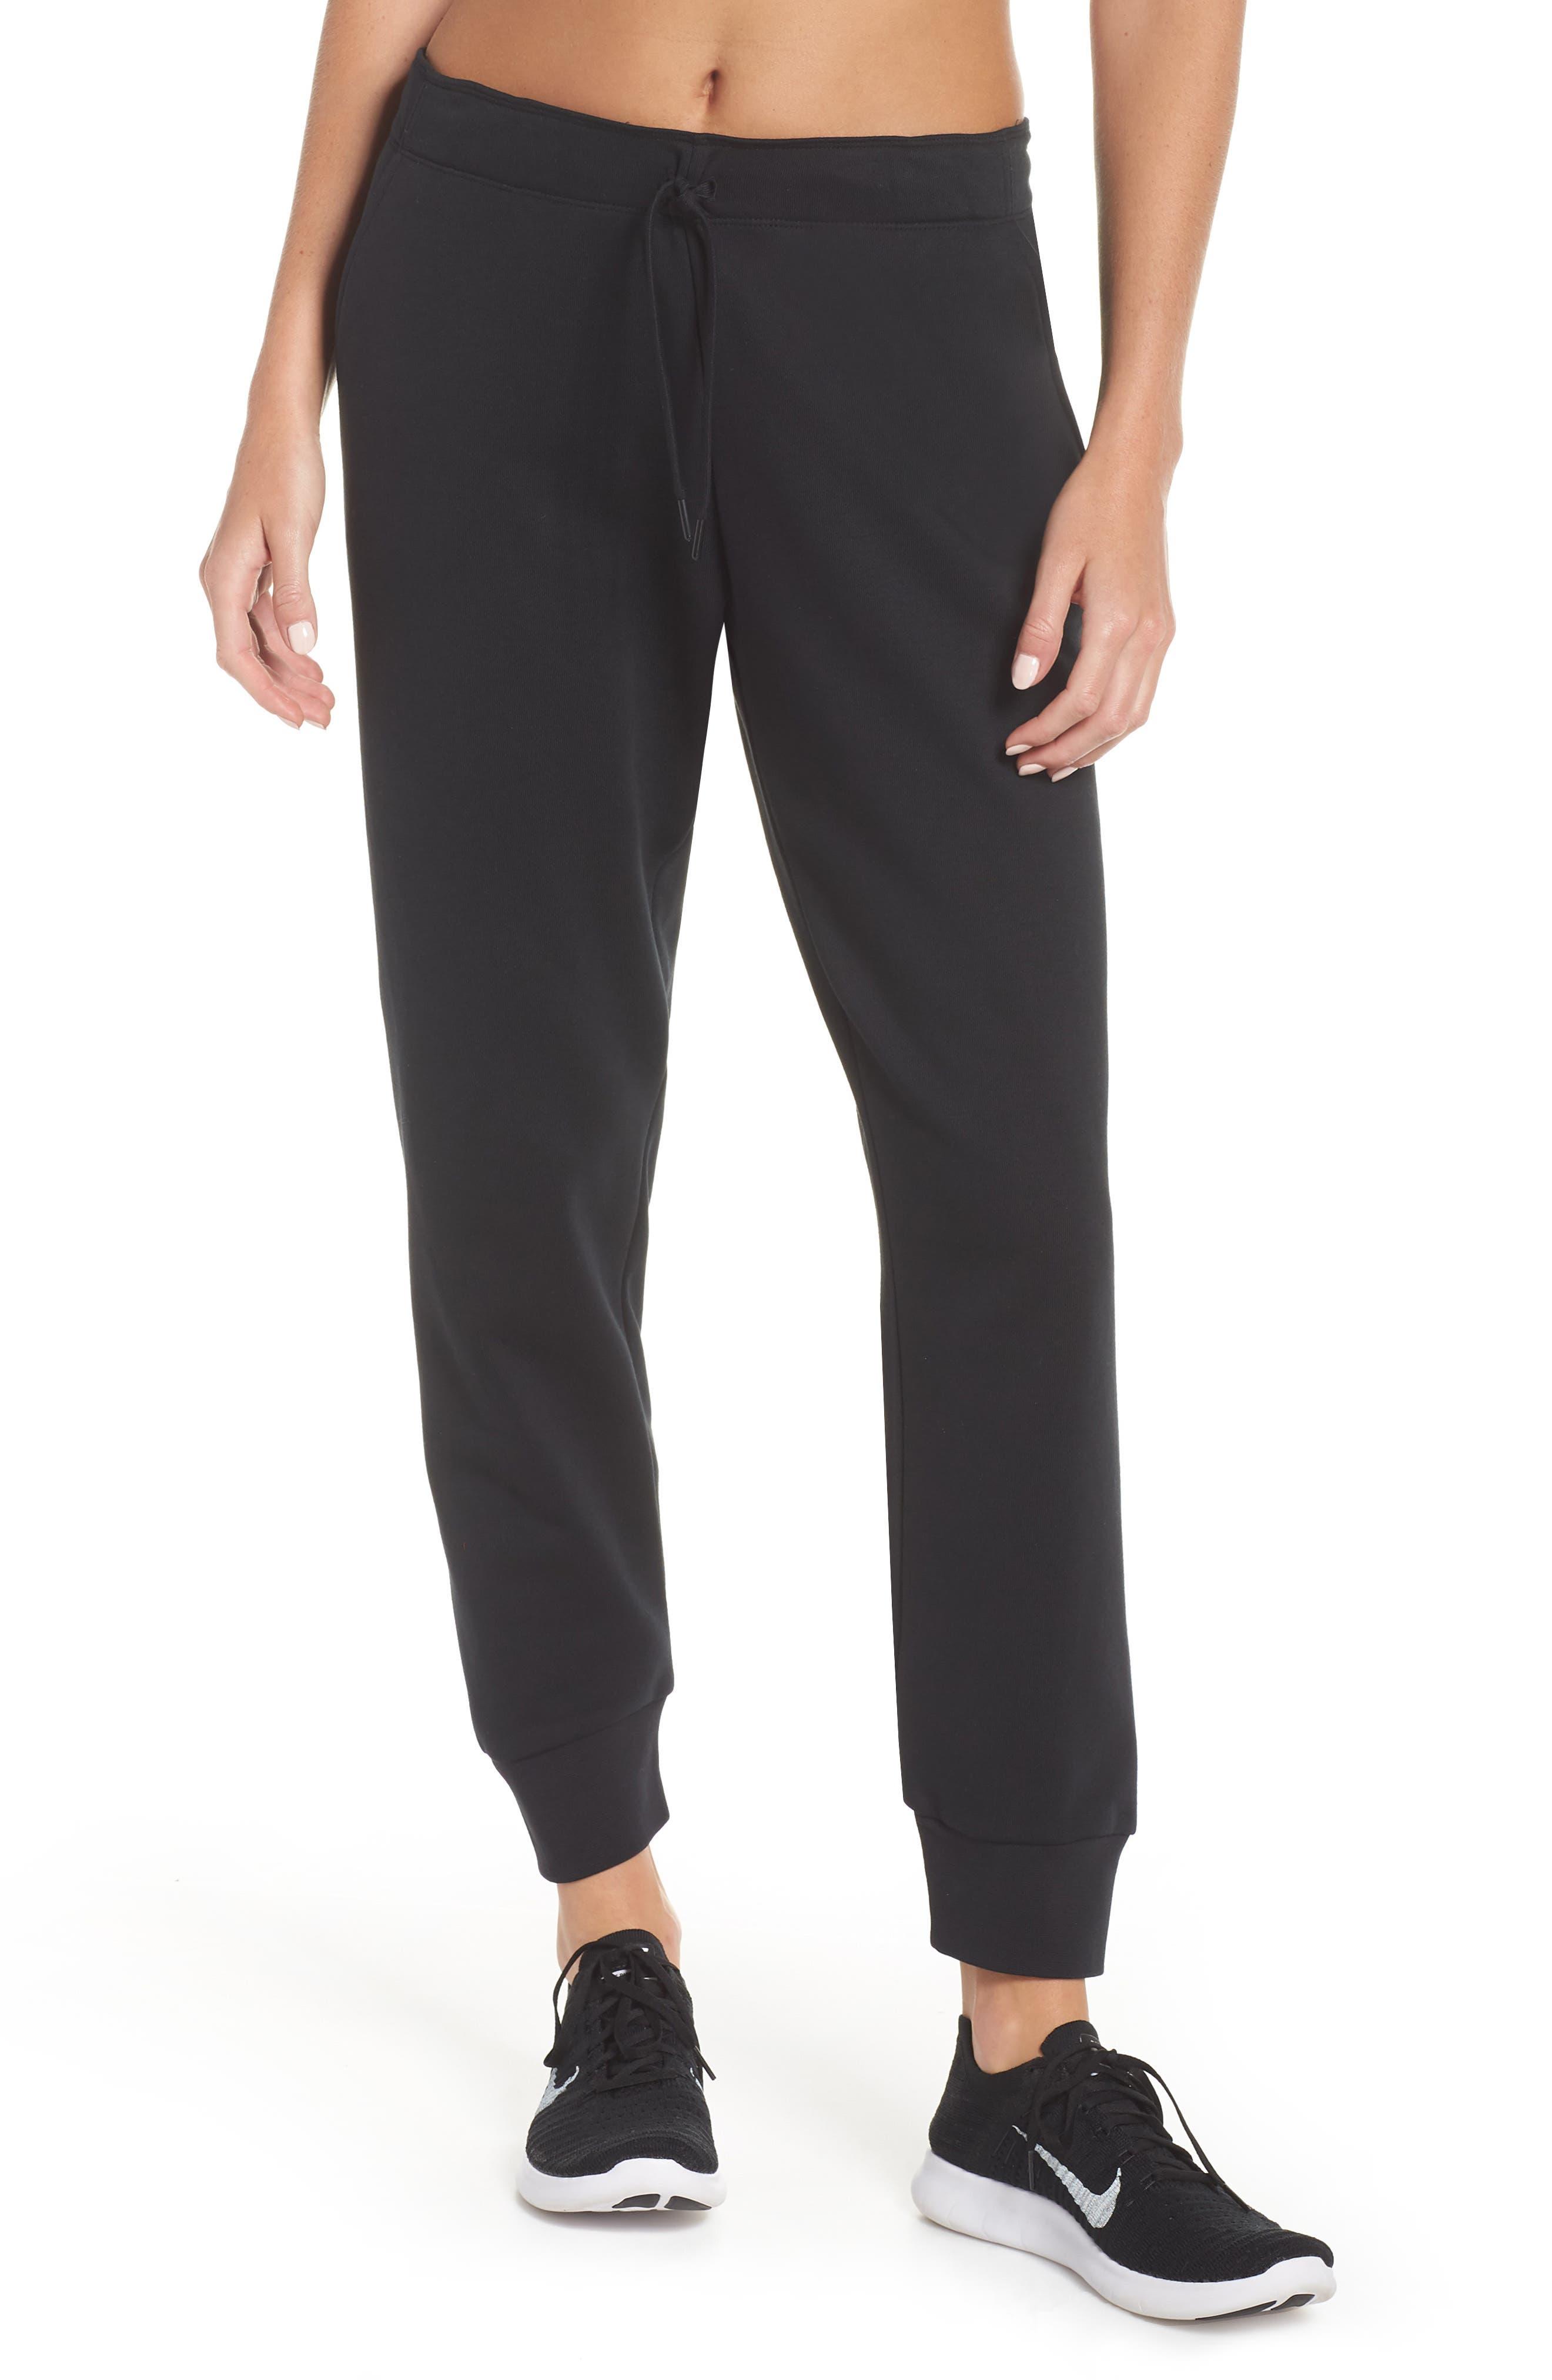 Tapered Training Pants,                             Main thumbnail 1, color,                             BLACK/ BLACK